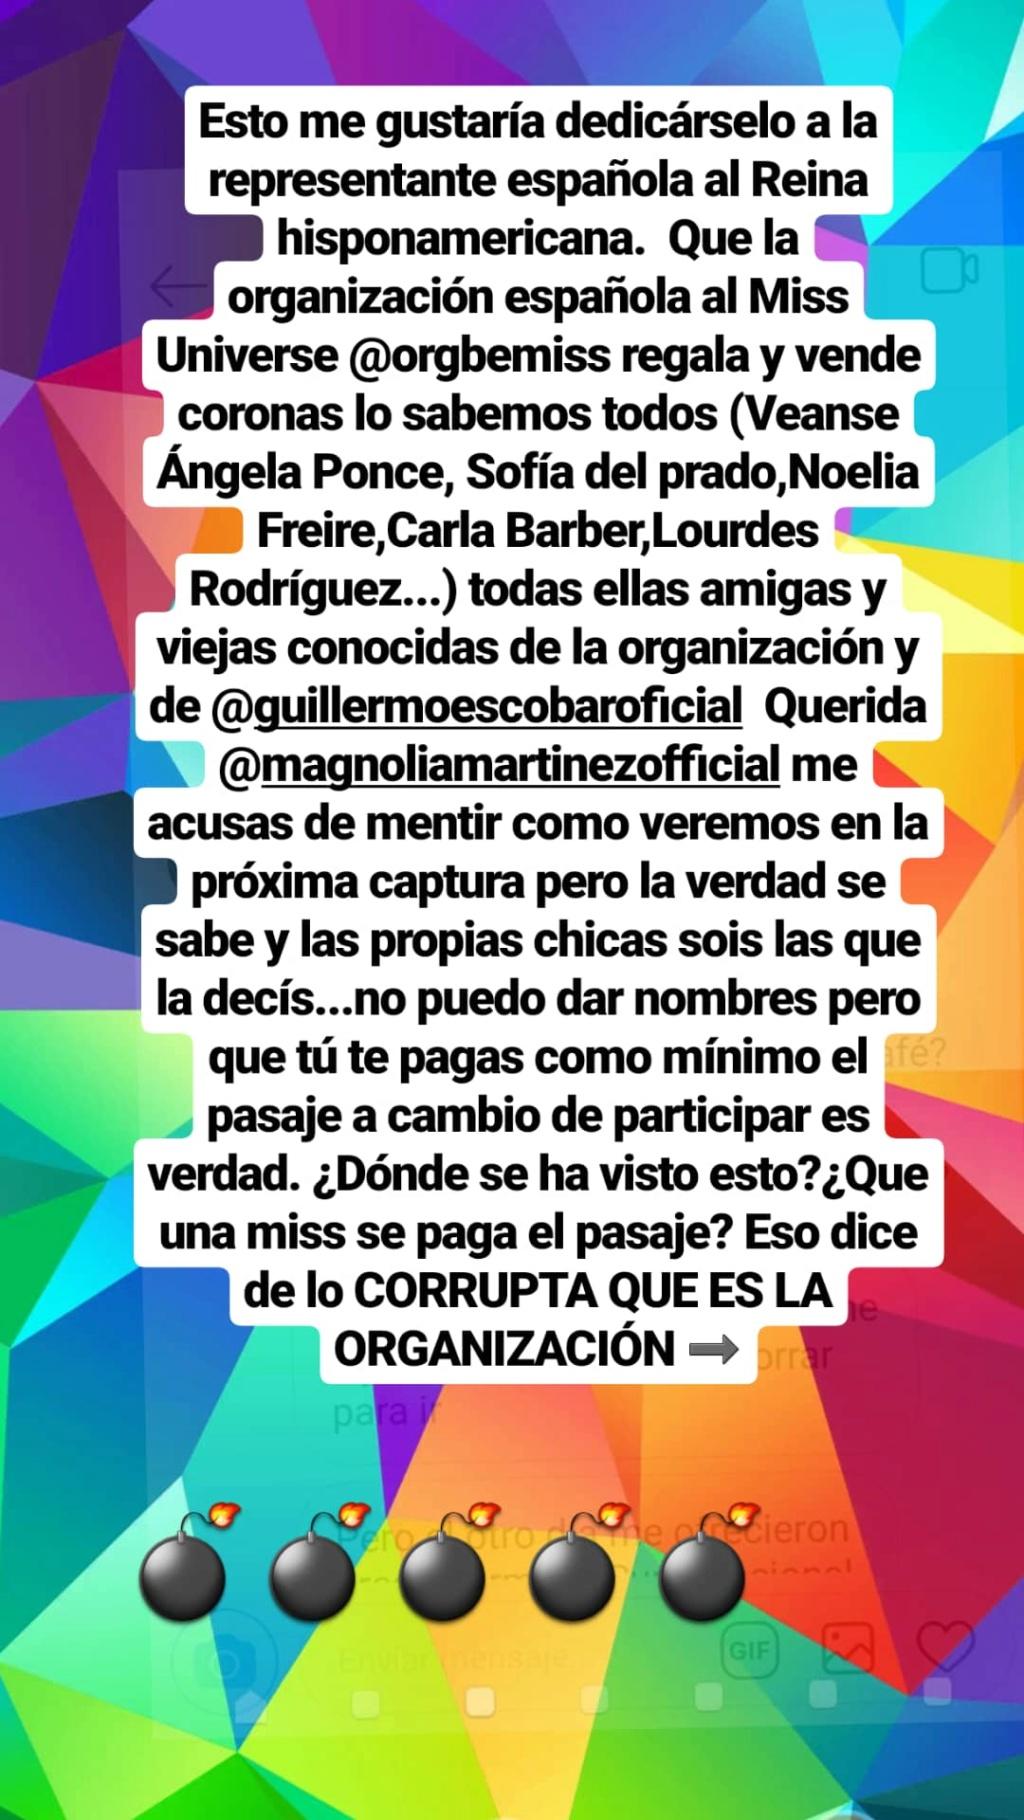 MUJER TRANSEXUAL ES CANDIDATA A MISS MONGOLIA UNIVERSO!!! - Página 3 Img_2012